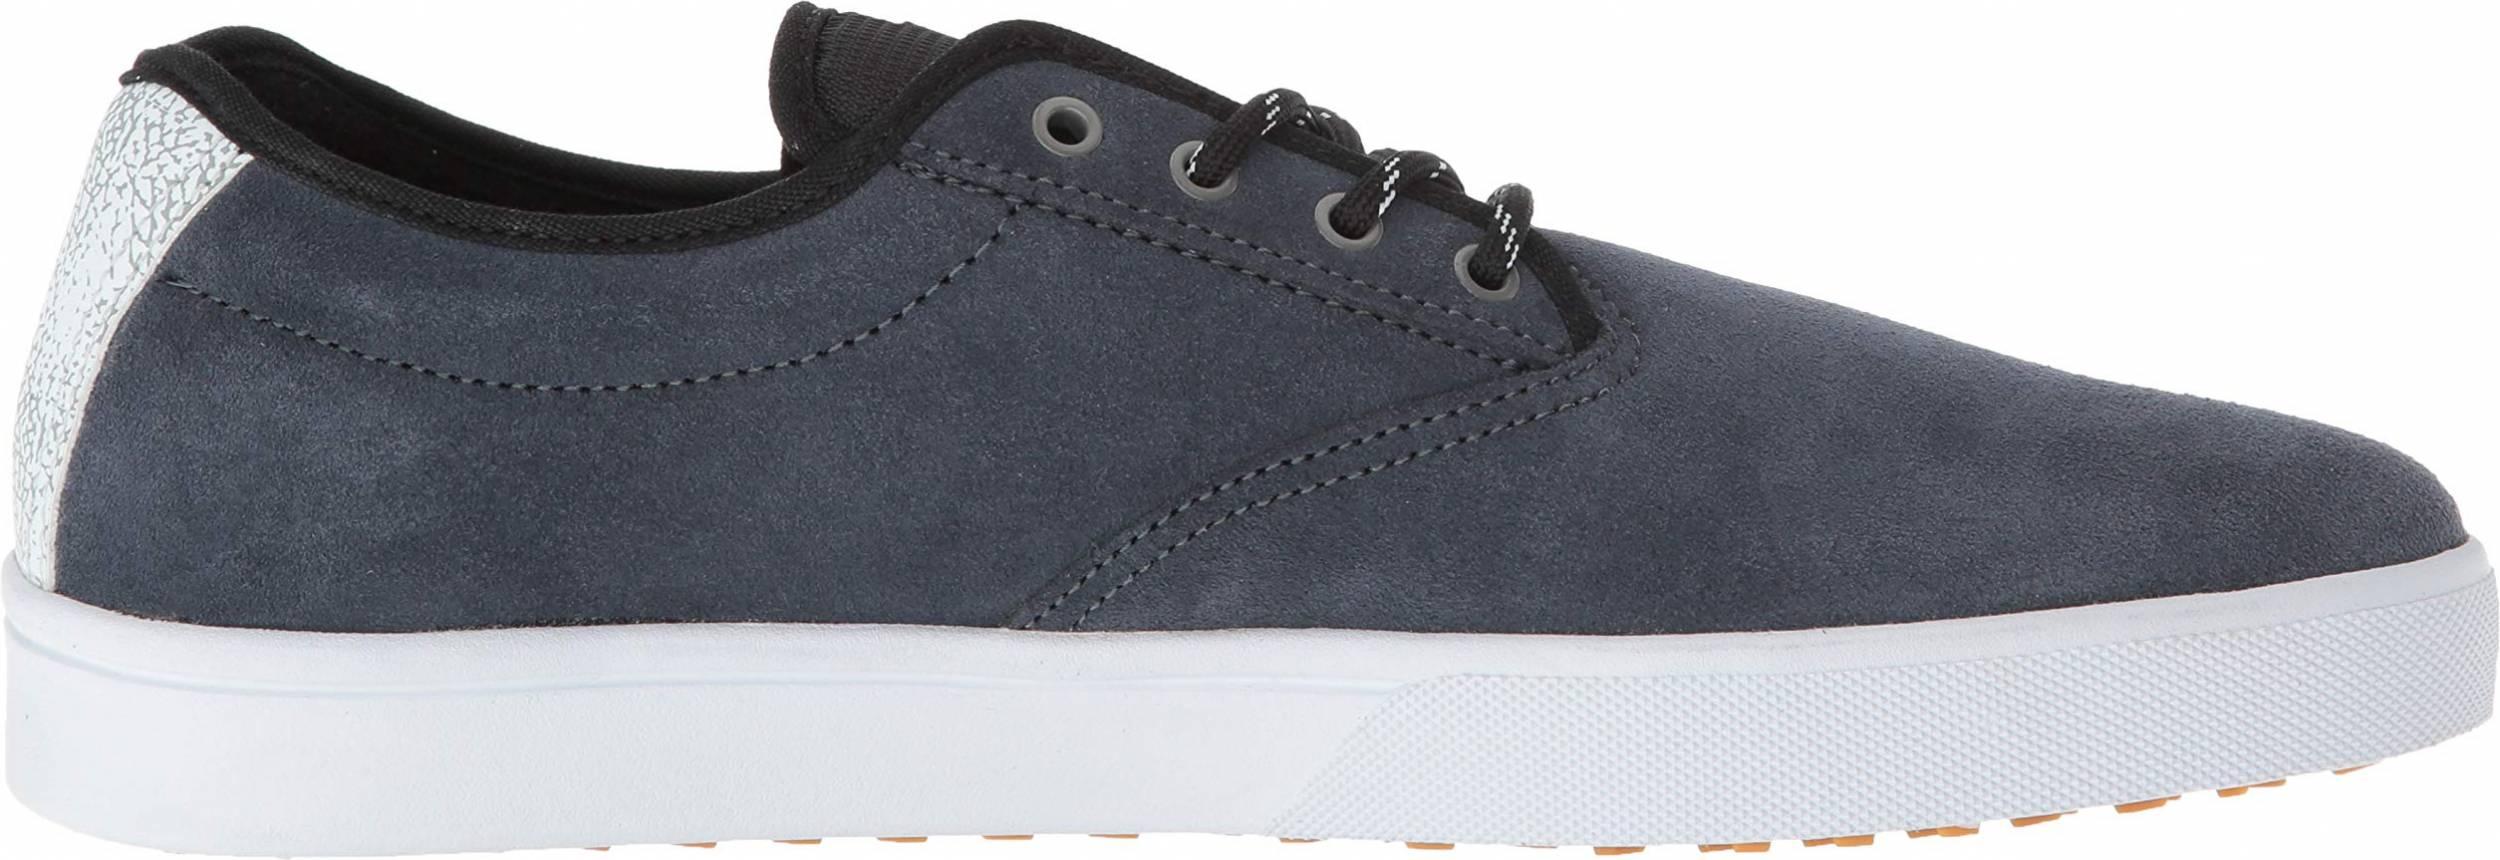 etnies men's shoes